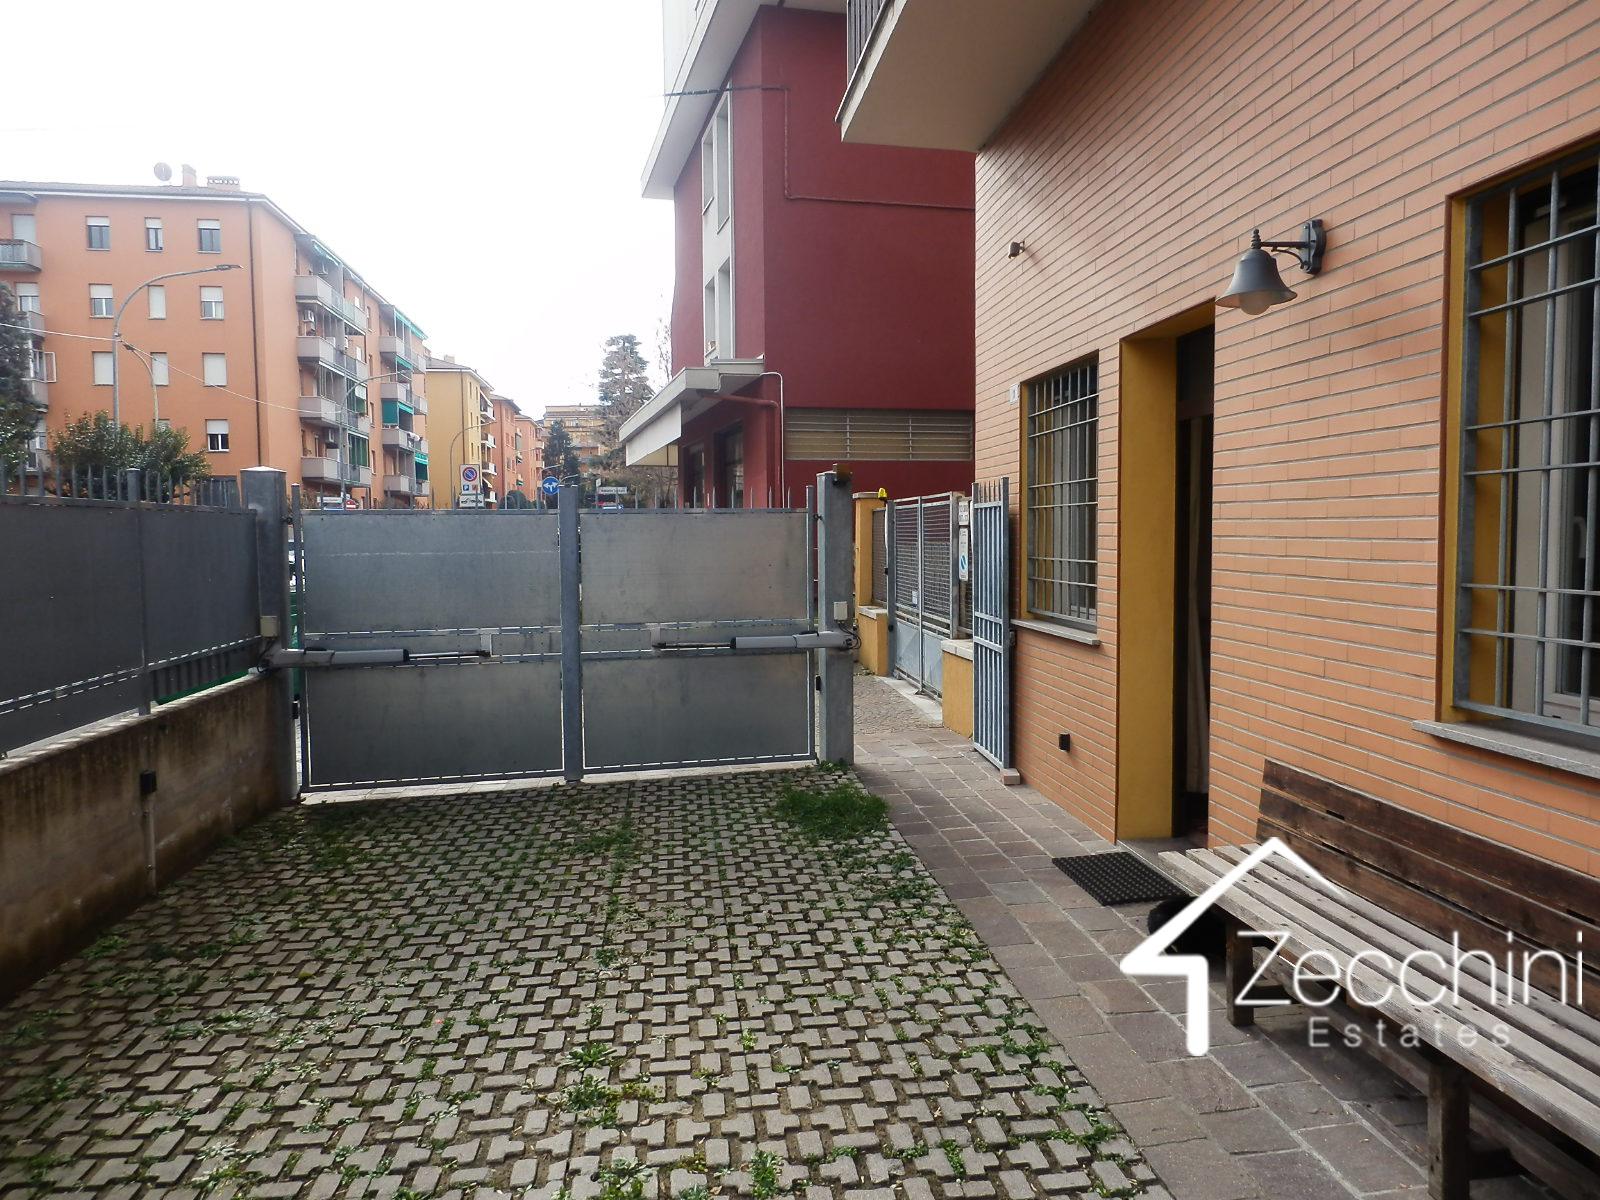 APPARTAMENTO in Vendita a S. Ruffillo, Bologna (BOLOGNA)